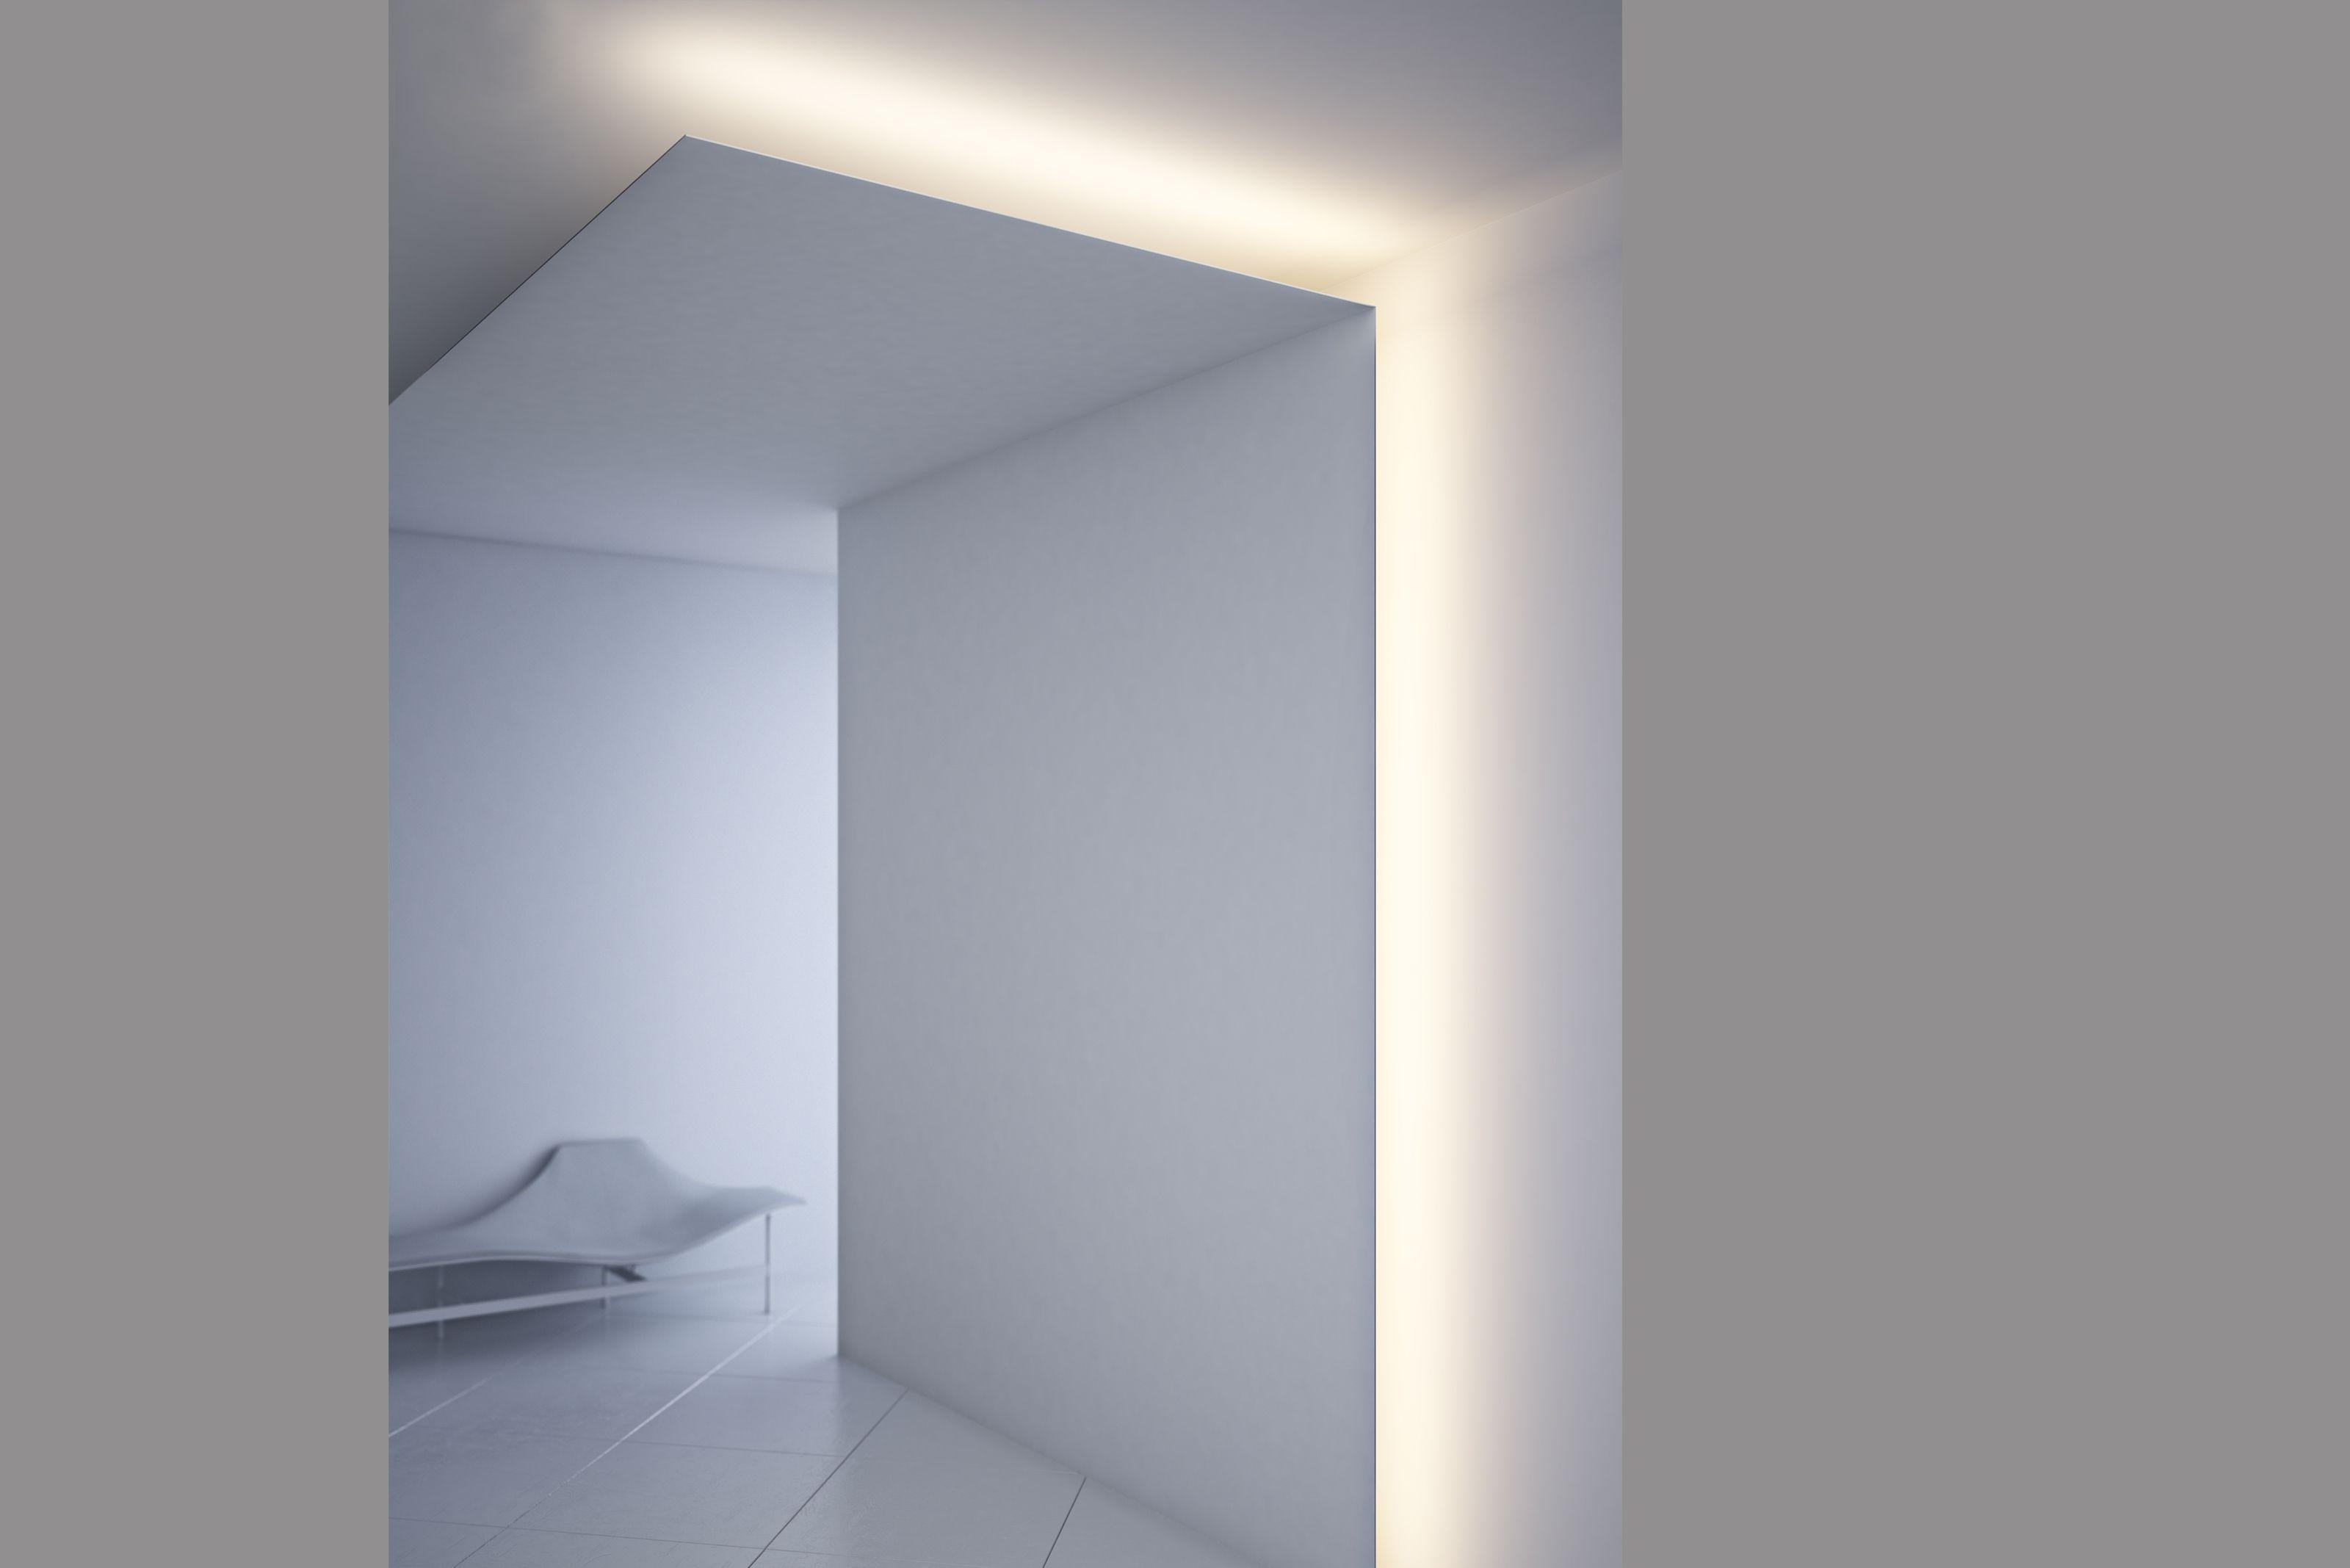 lightline-cala-fp-3-mj-lighting-v2